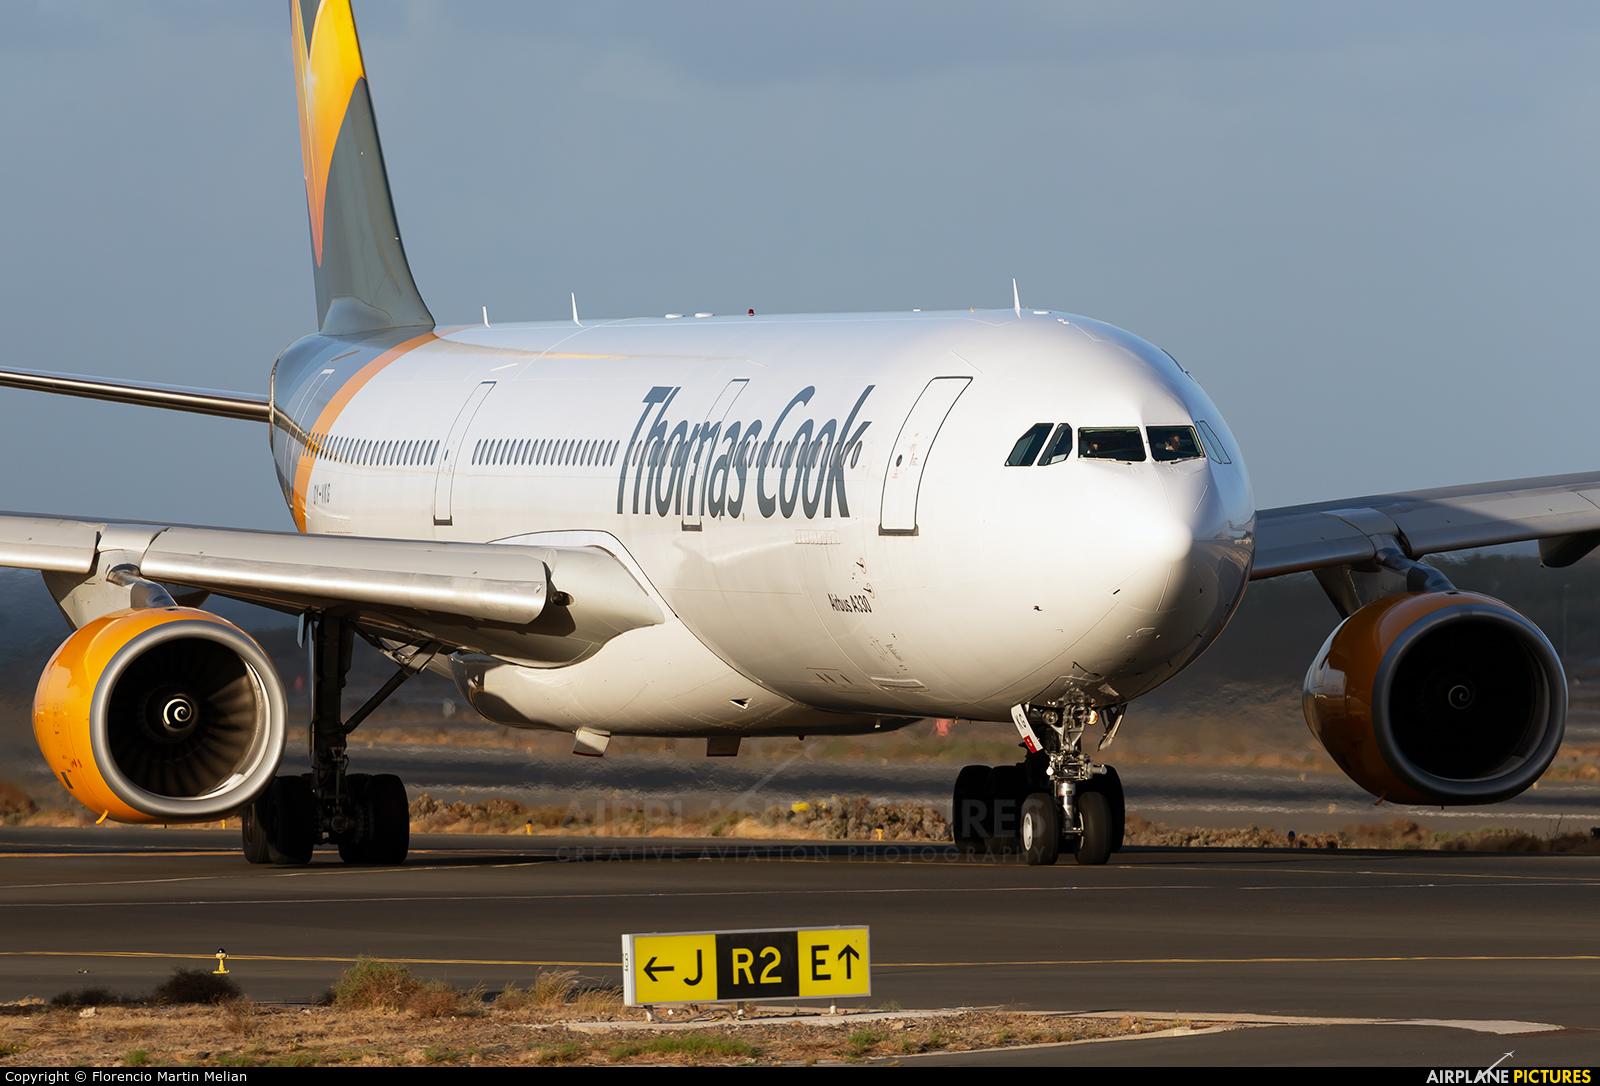 Thomas Cook Scandinavia OY-VKG aircraft at Aeropuerto de Gran Canaria